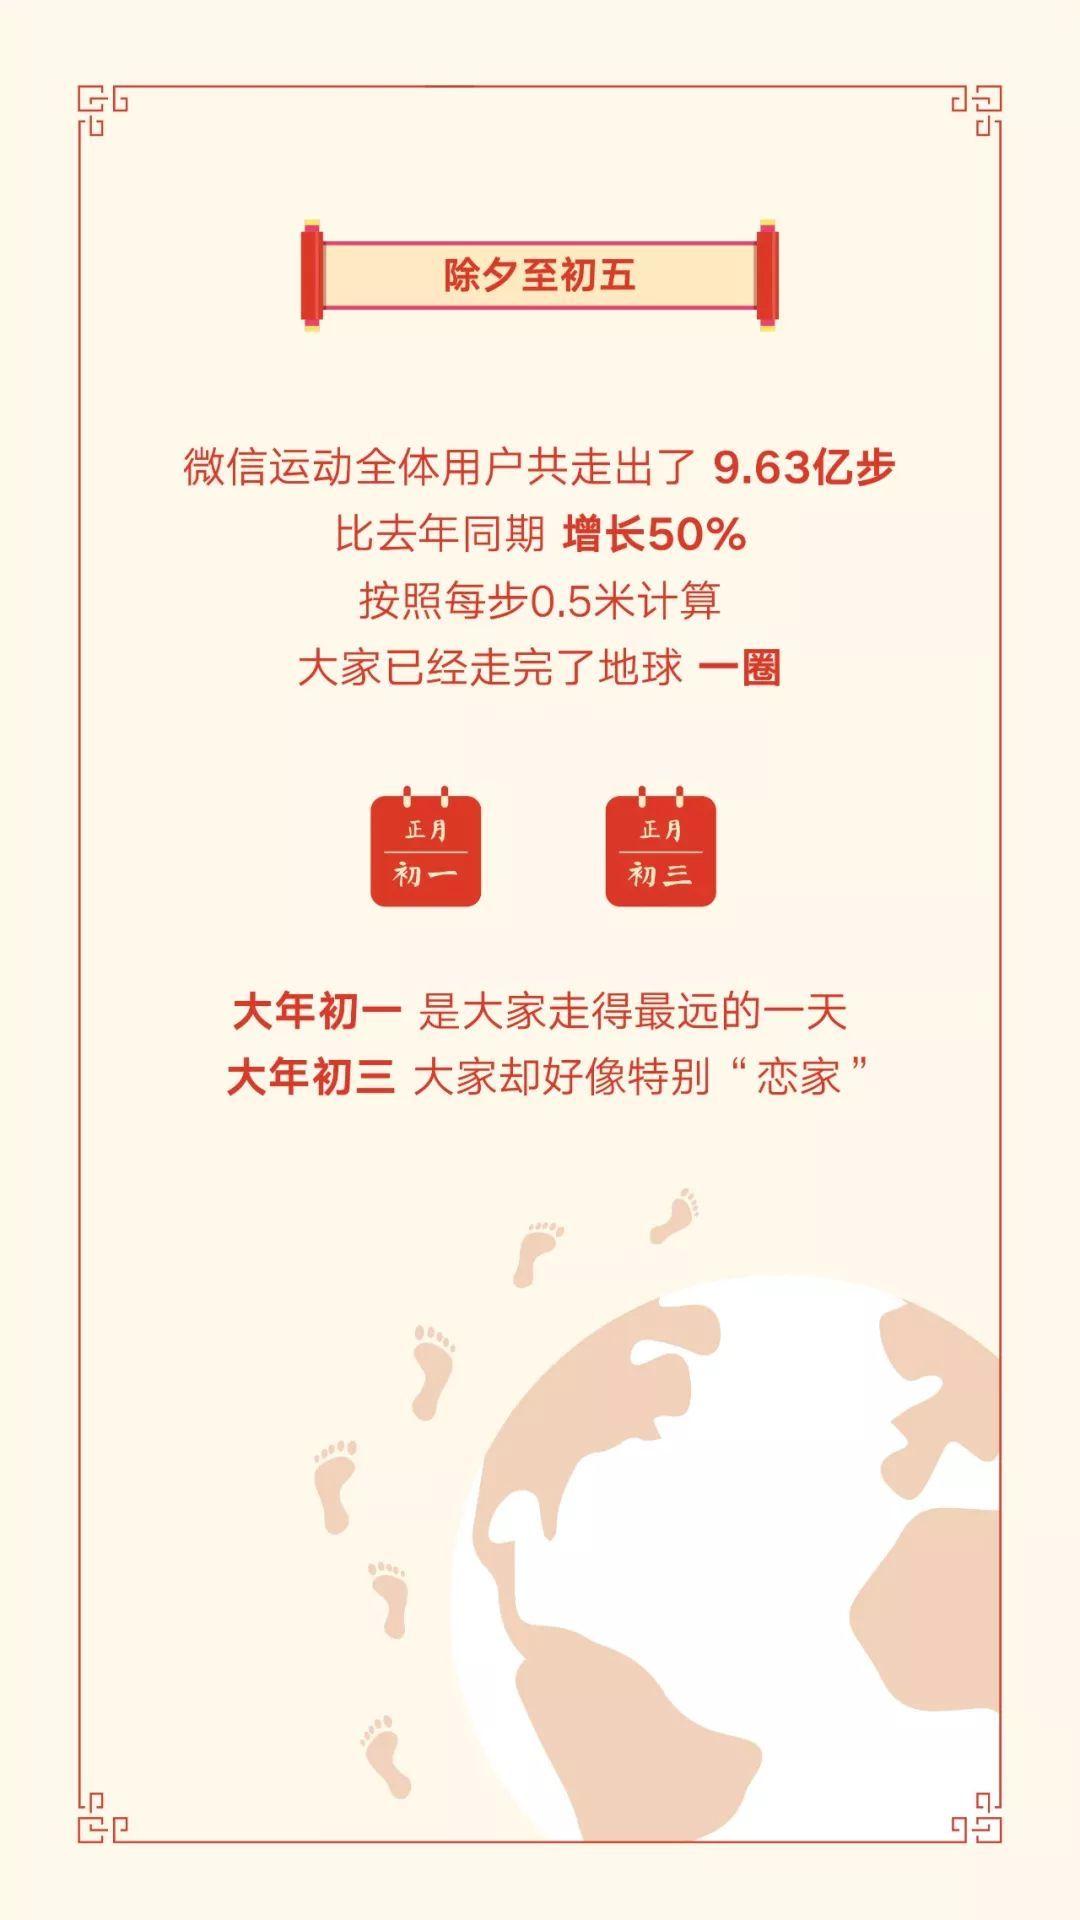 山东微信红包收发次数居全国第二!这个春节你花了多少钱?